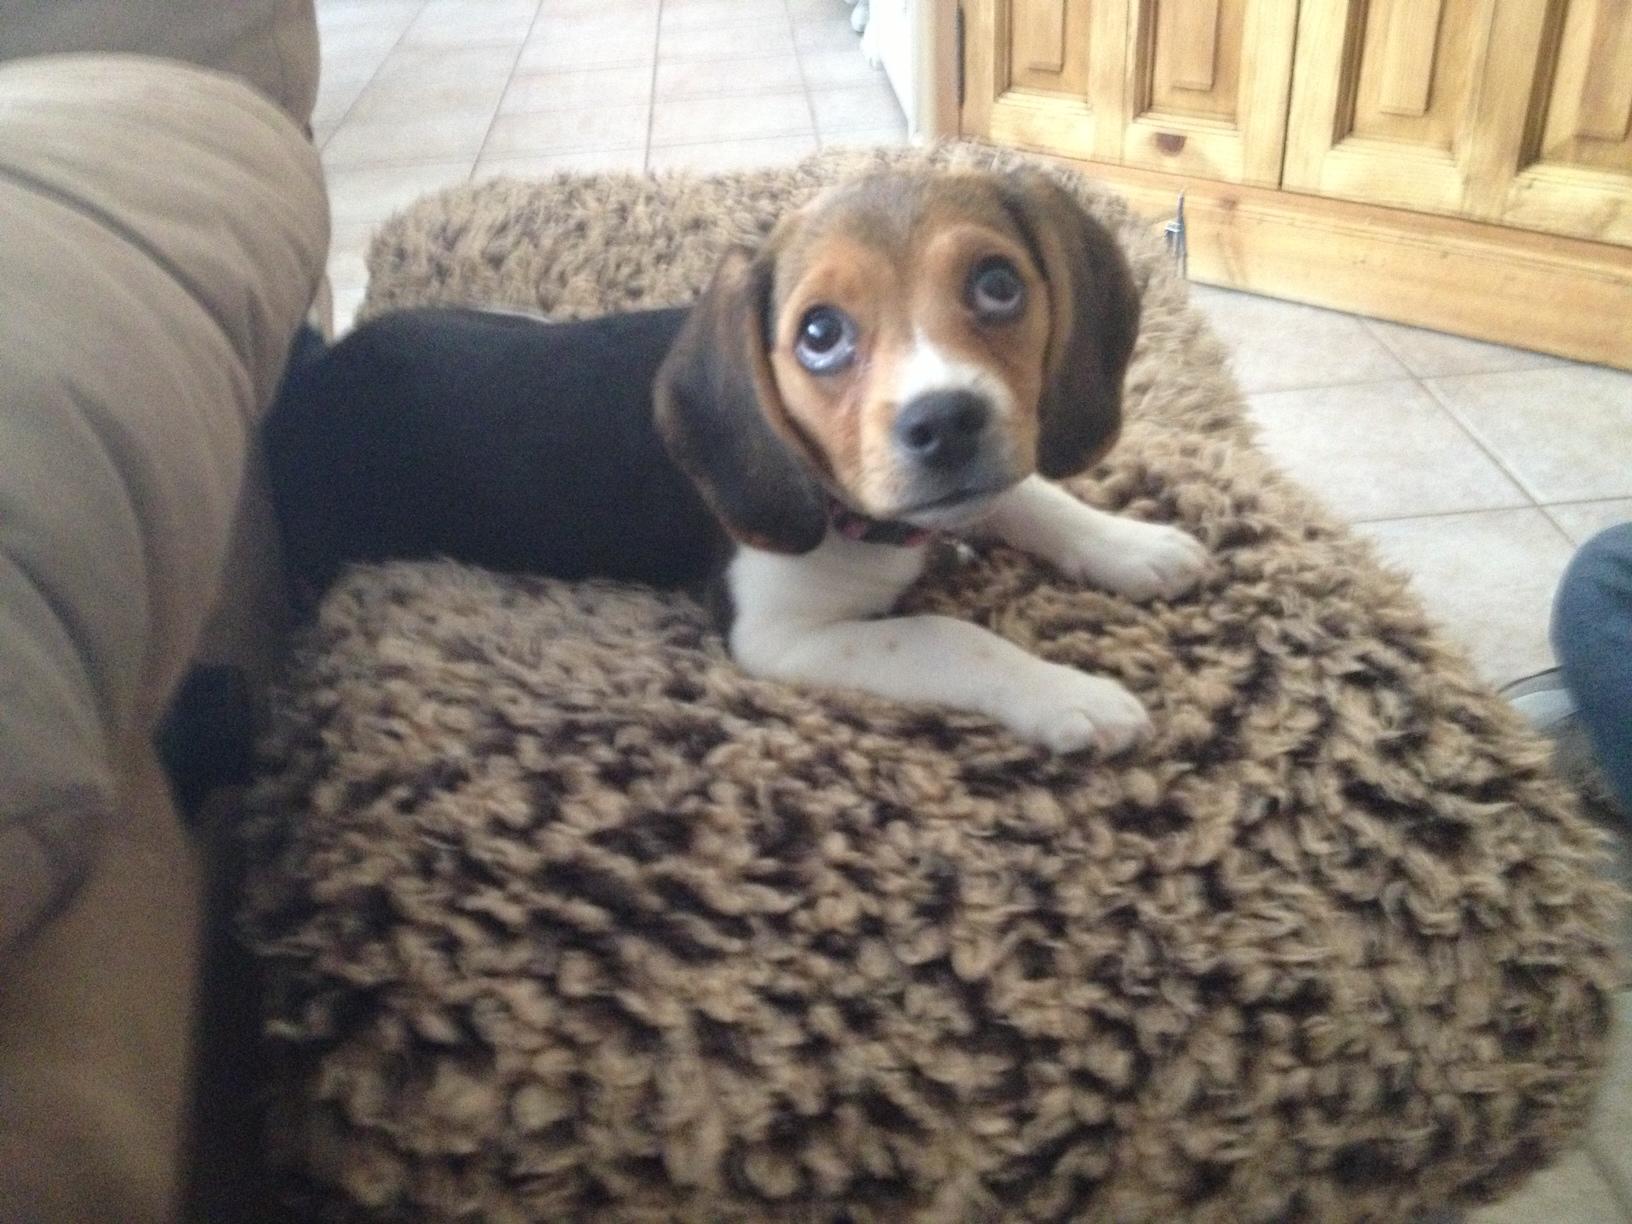 Sophie a Pocket Beagle